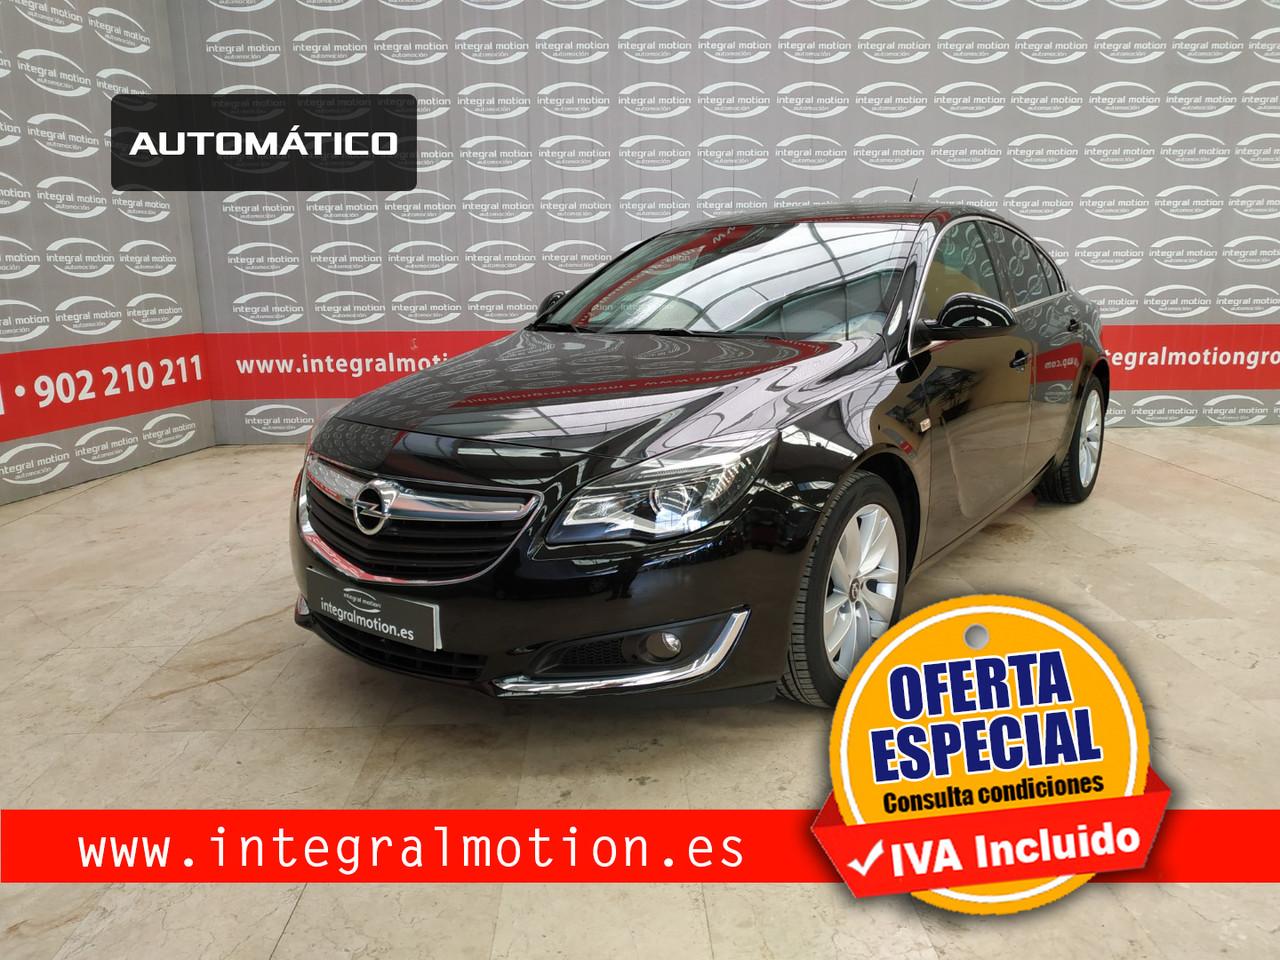 Opel Insignia 2.0 CDTI Excellence Auto  - Foto 1